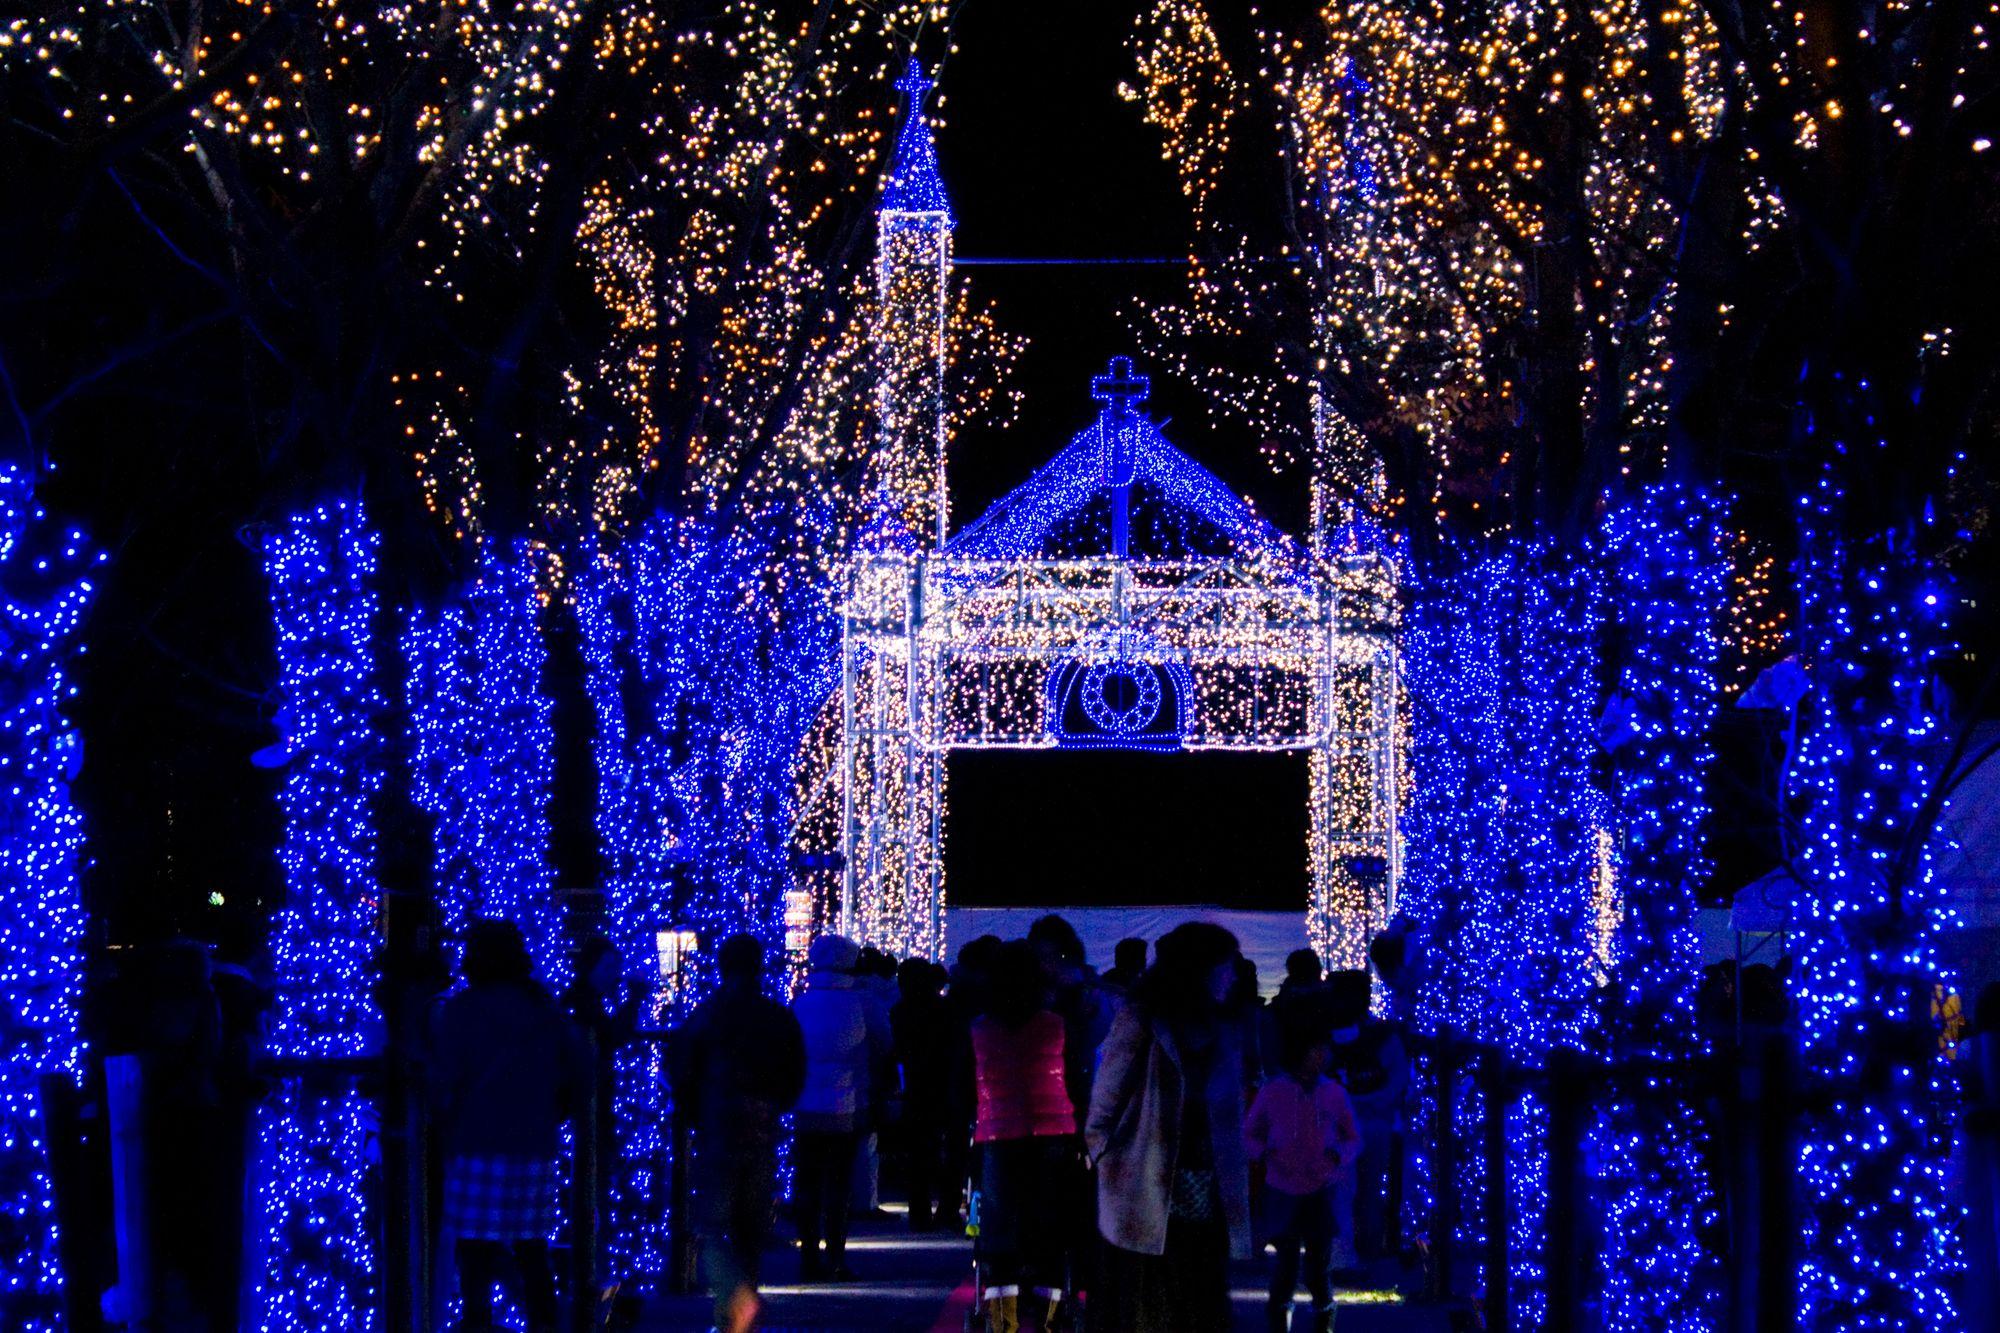 日本のクリスマス発祥の地・山口から祈りを発信 12月はクリスマス市 ...